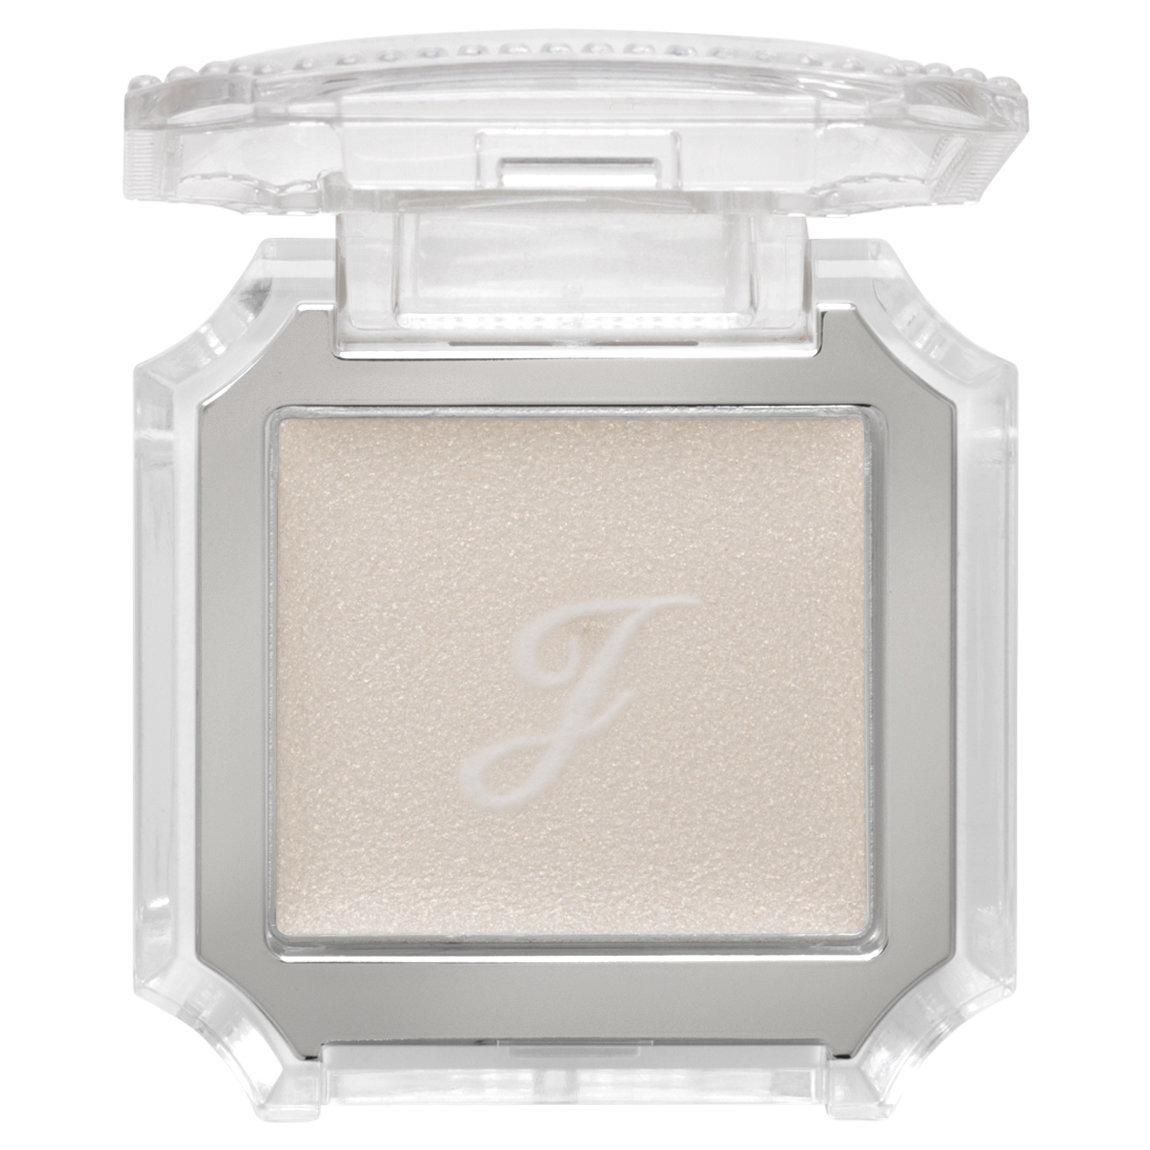 Iconic Look EyeshadowJILL STUART Beauty Iconic Look Eyeshadow C201 Cream - Beautylish - 웹